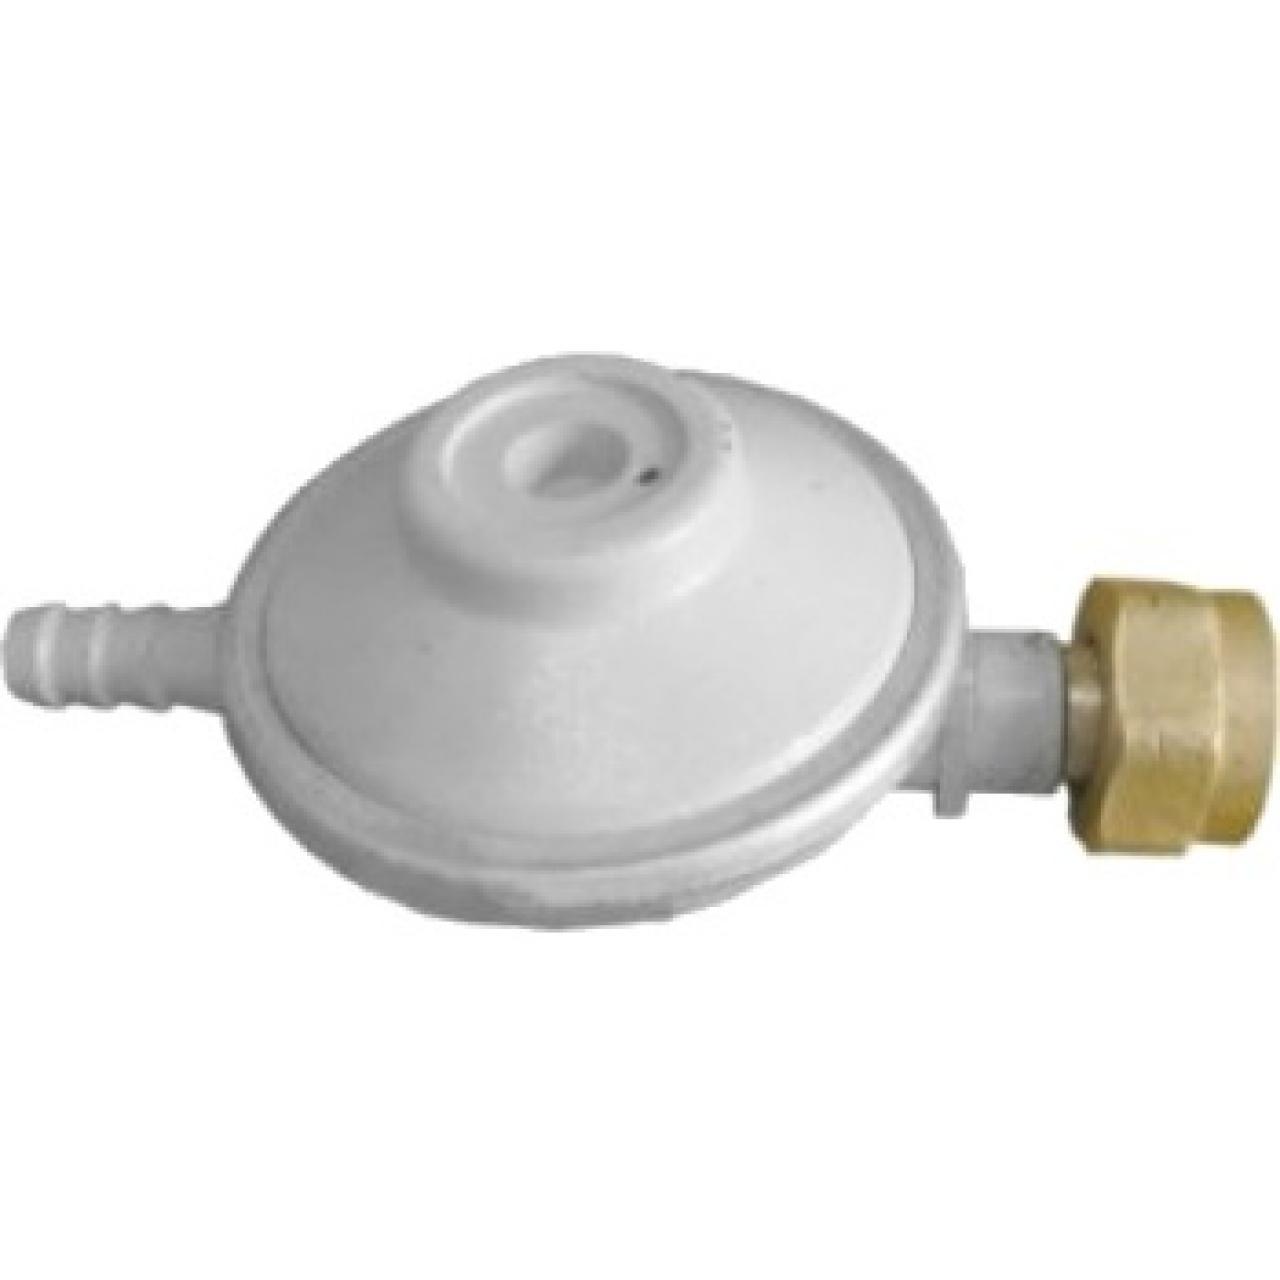 регулятор давления газа 1 1